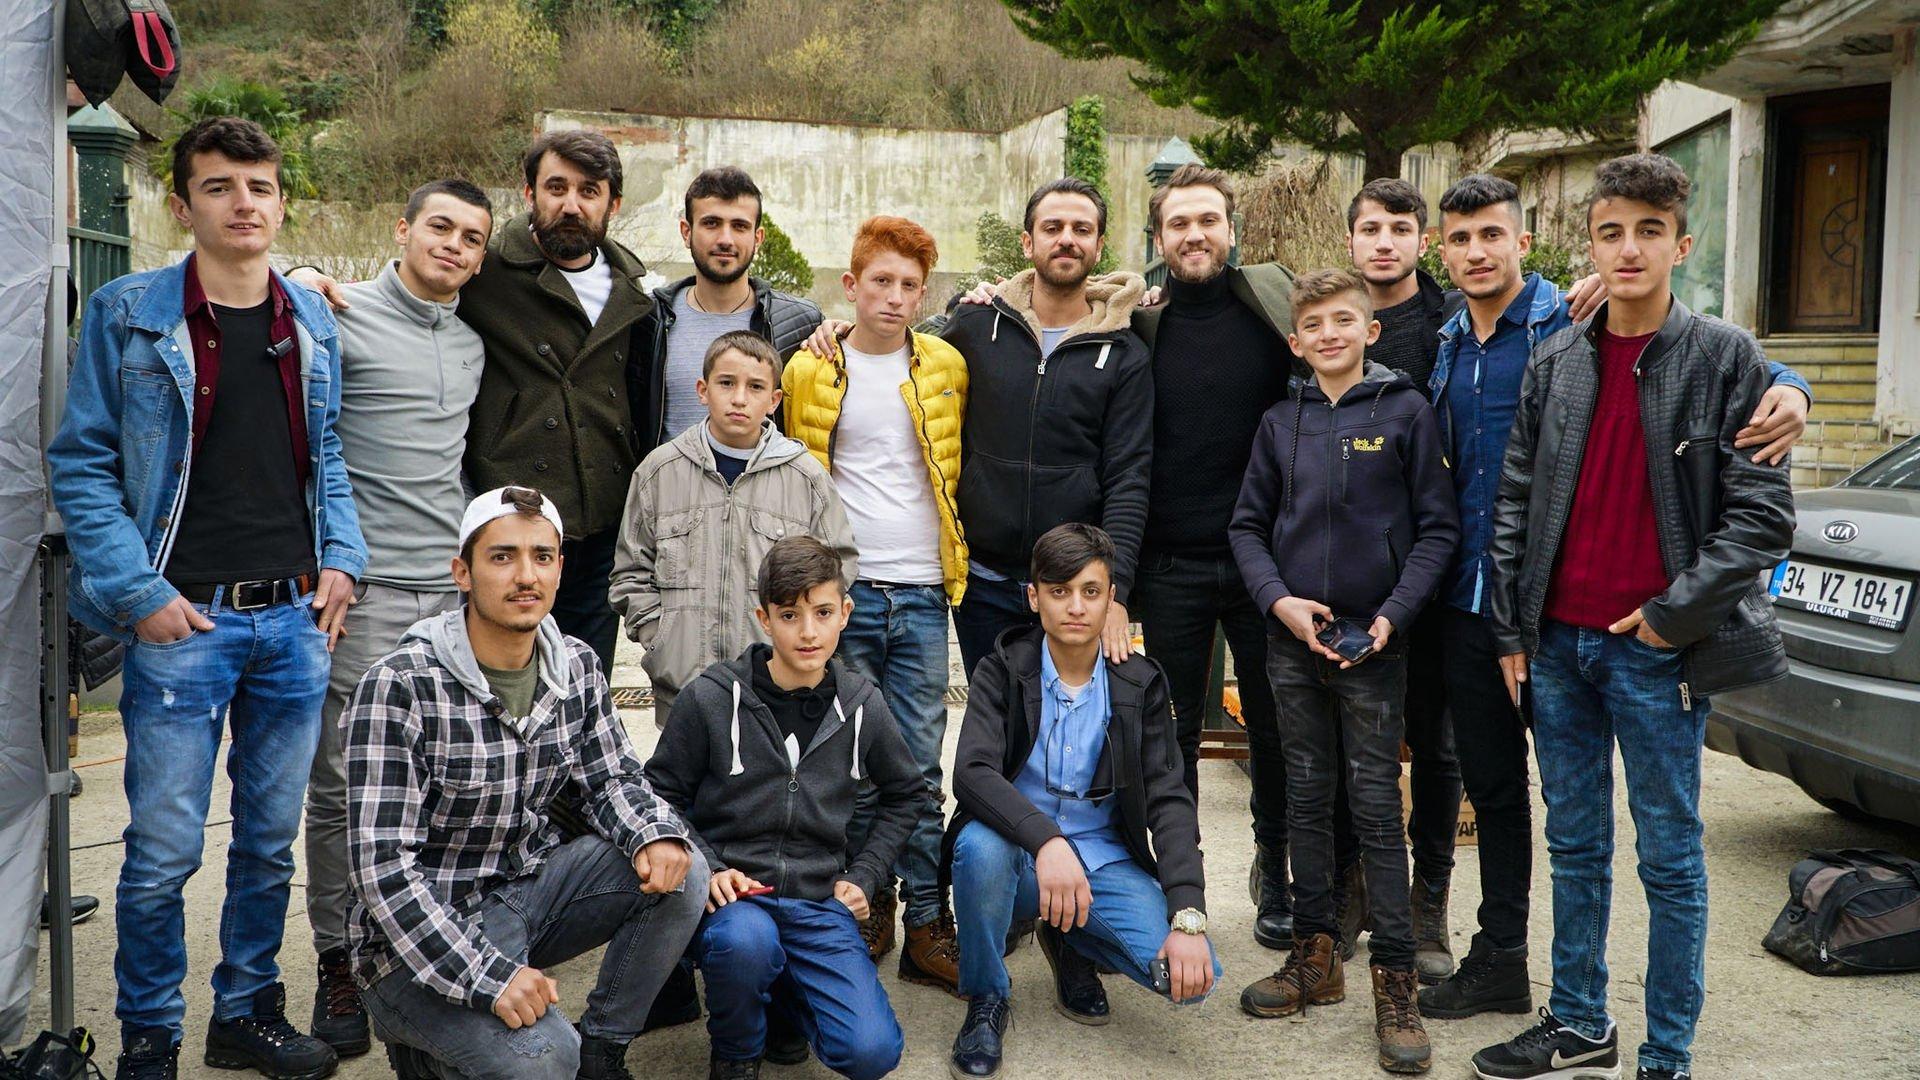 Çukurcalı gençler, Çukur'un setini ziyaret etti!